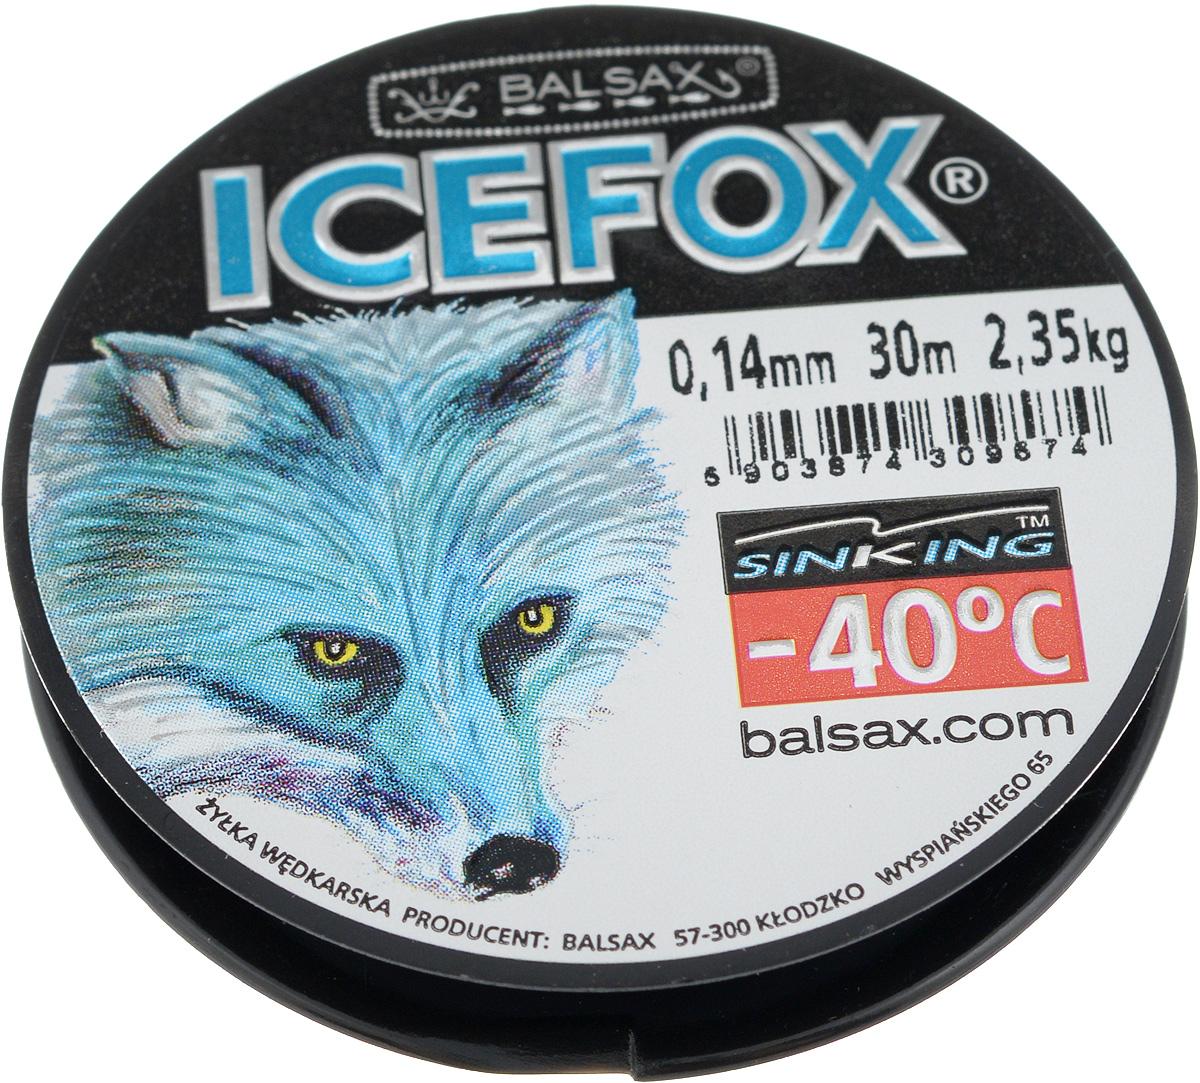 Леска зимняя Balsax Ice Fox,30 м, 0,14 мм, 2,35 кг309F-2012Леска Balsax Ice Fox изготовлена из 100% нейлона и очень хорошо выдерживаетнизкие температуры. Даже в самом холодном климате, при температуре вплотьдо -40°C, она сохраняет свои свойствапрактически без изменений, в то время как традиционные лески становятся менееэластичными и теряют прочность. Поверхность лески обработана таким образом, что она не обмерзает и отличноподходит для подледного лова. Прочна вместах вязки узлов даже при минимальном диаметре.